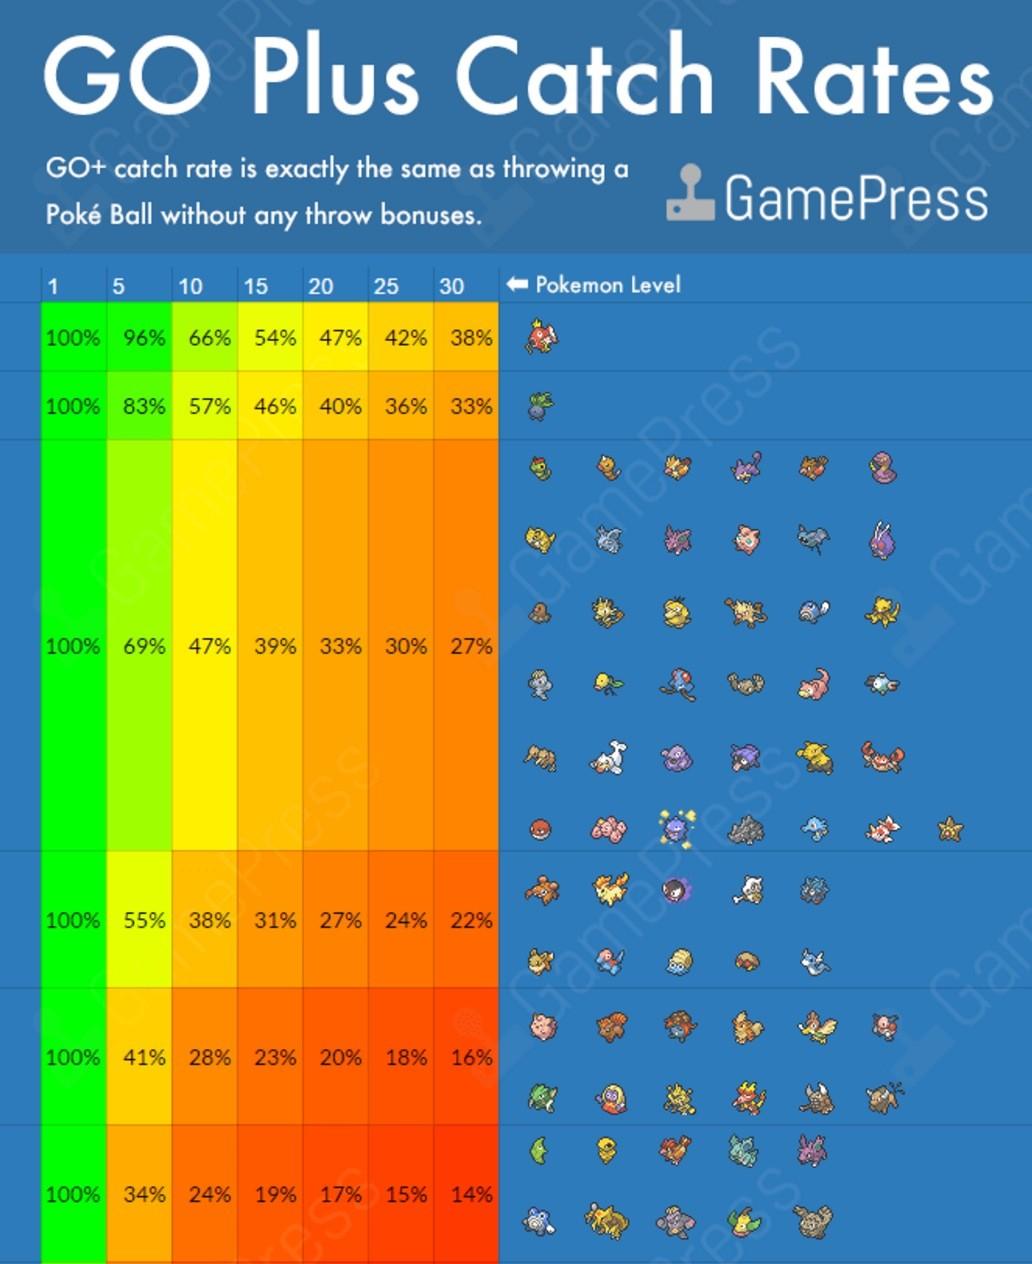 Saiba quais são os Pokémon mais capturados em Pokémon GO nesse infográfico.